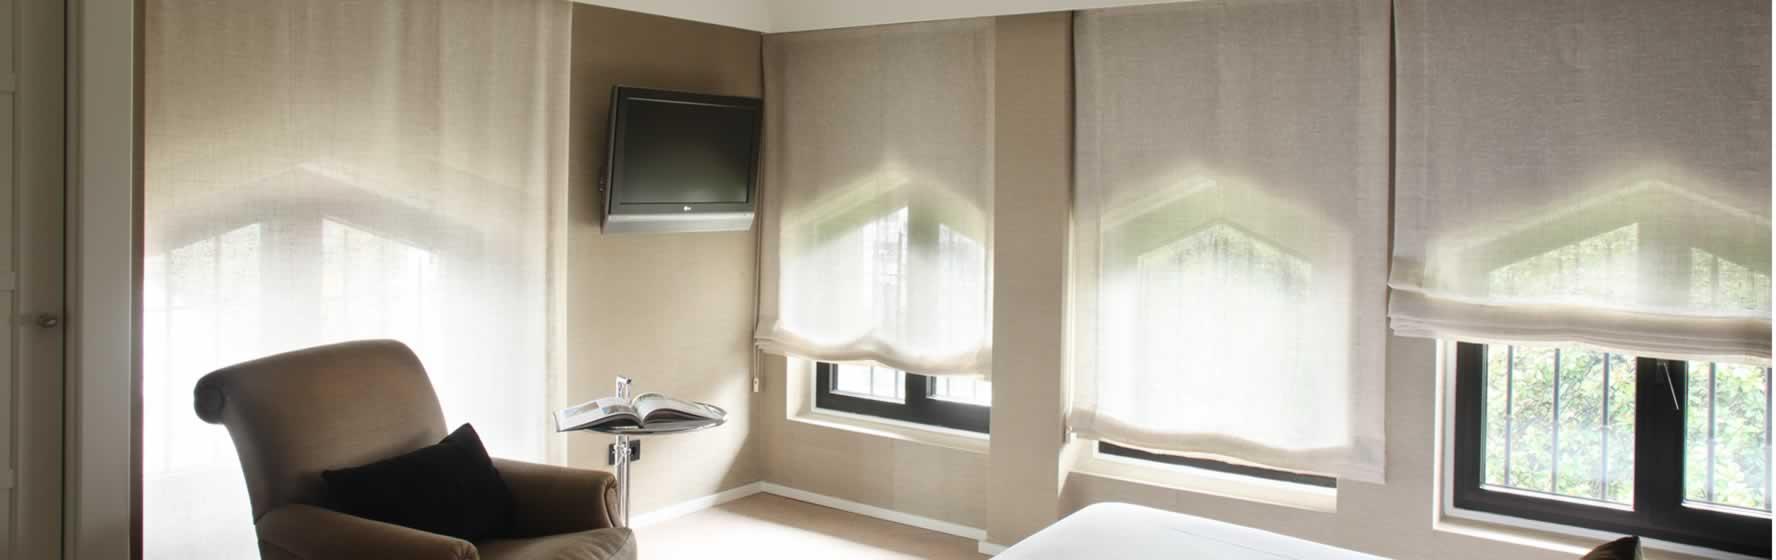 Estores salamanca casa de las persianas for Cortinas o estores salon